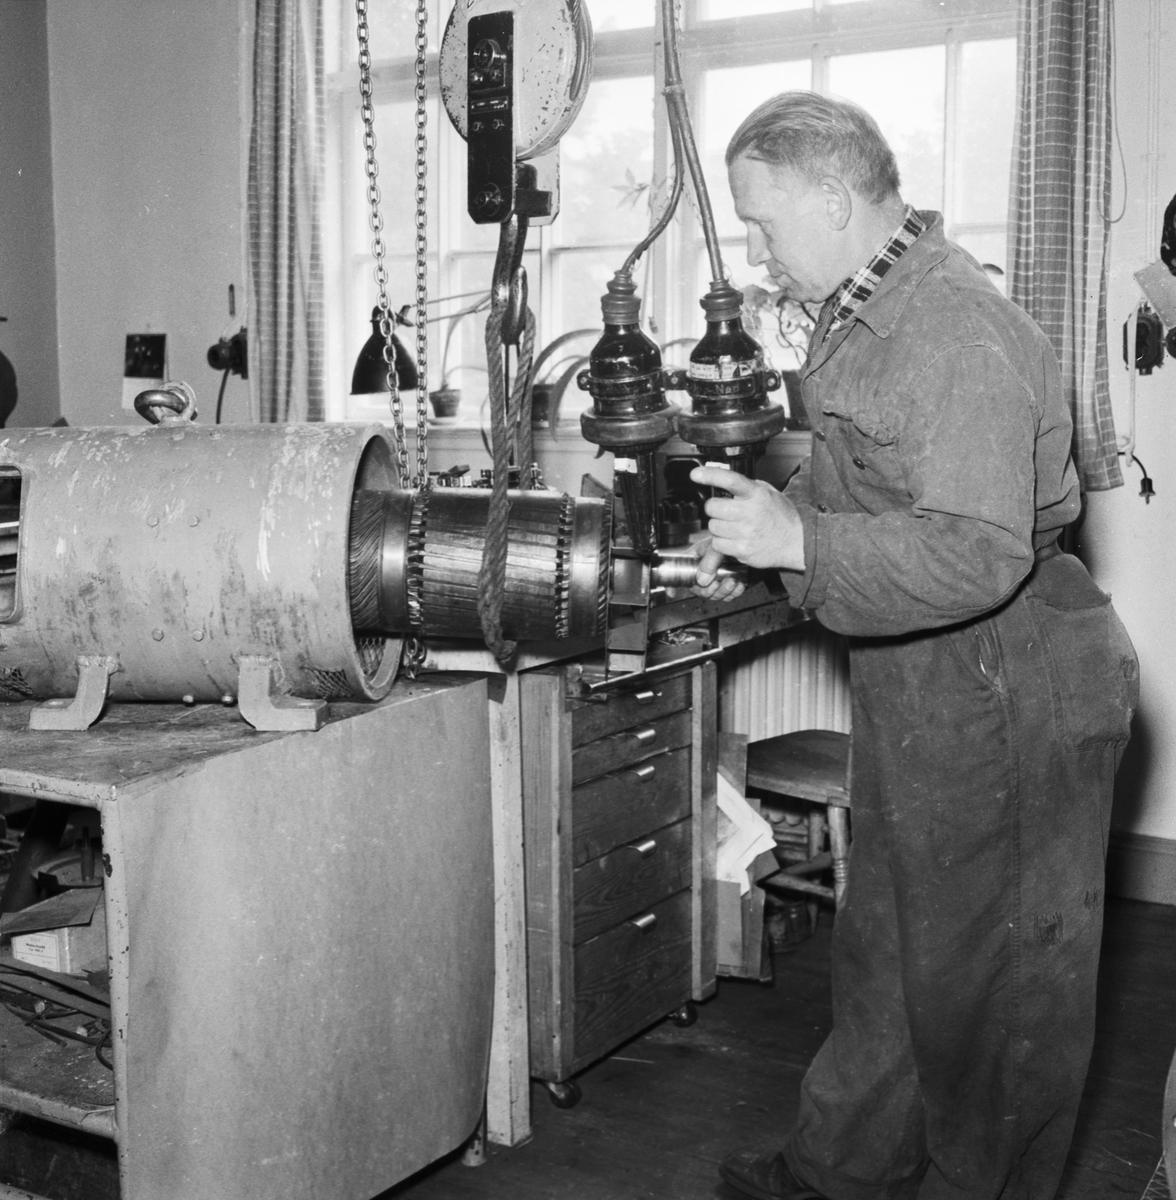 Övrigt: Foto datum: 11/7 1961 Byggnader och kranar Elverkstan arbetsbilder. Närmast identisk bild: V23367, ej skannad